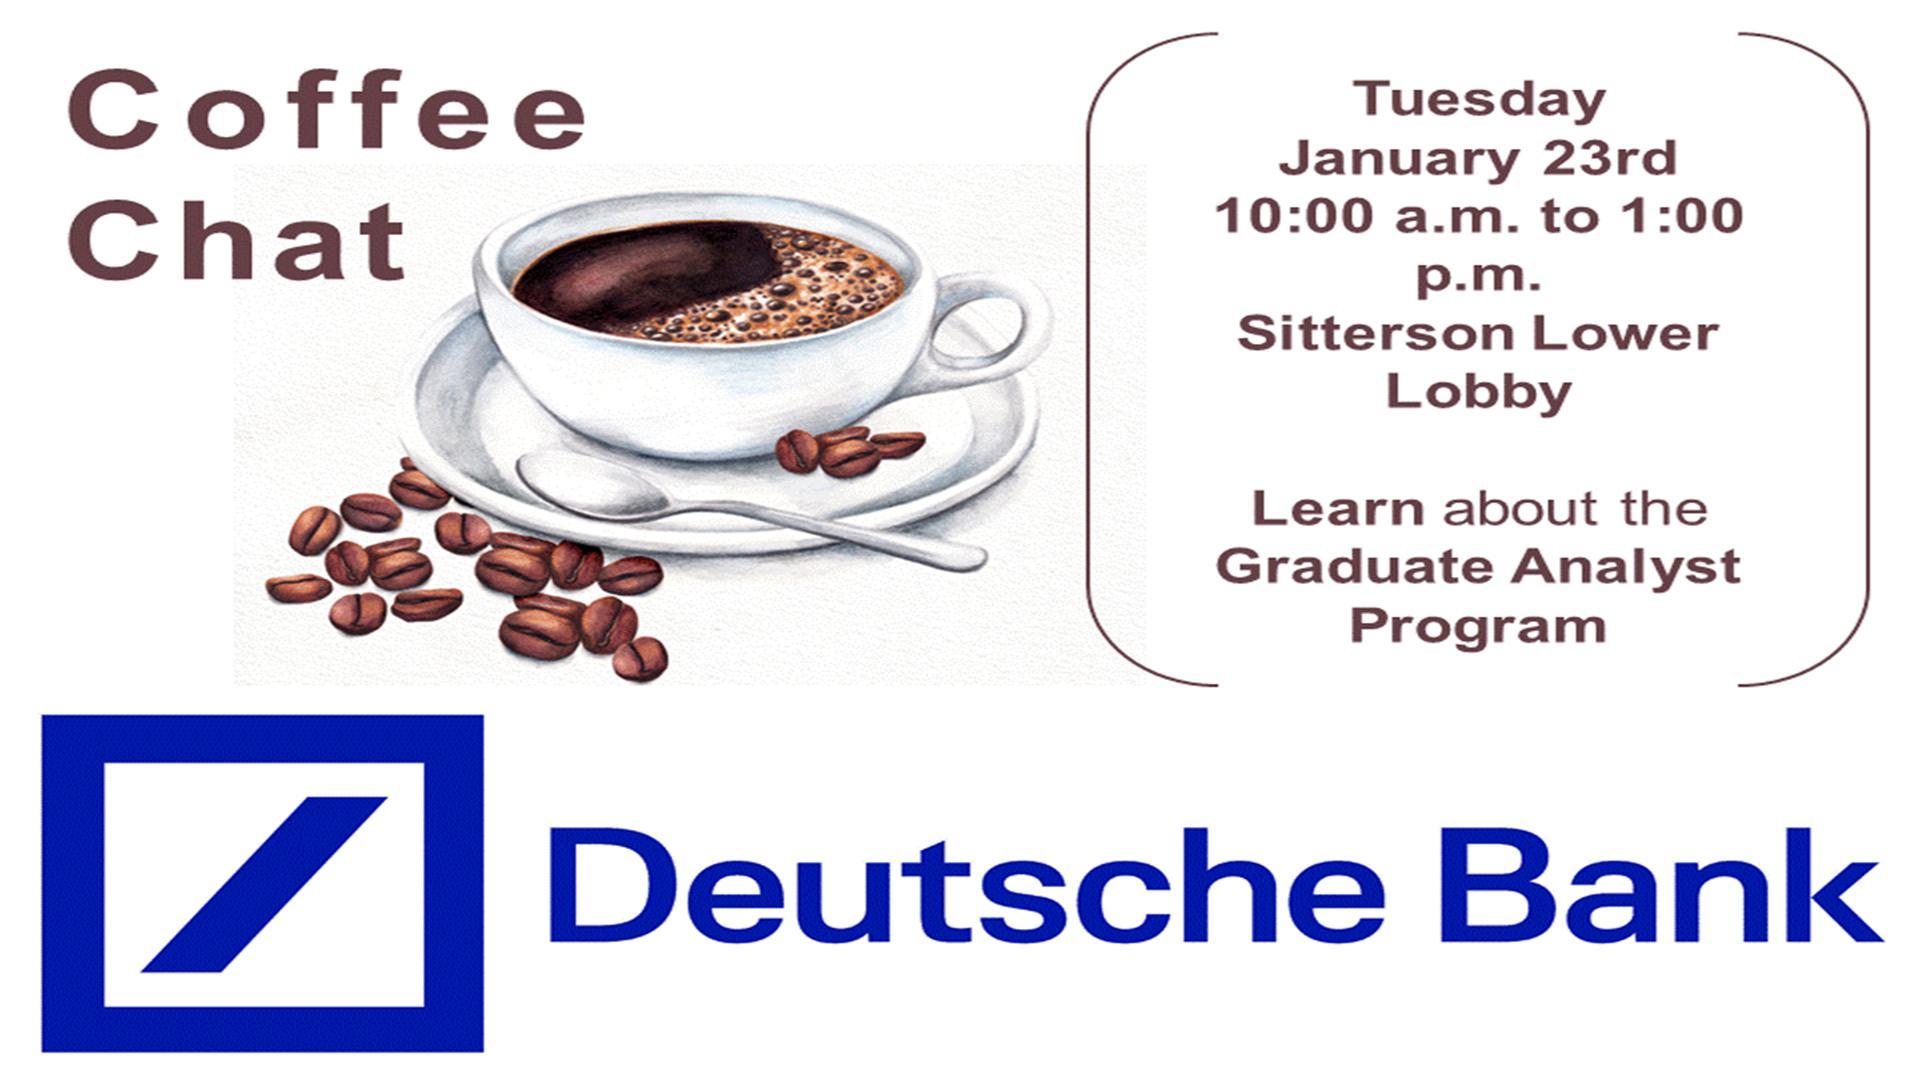 Deutsche Bank Coffee Chat